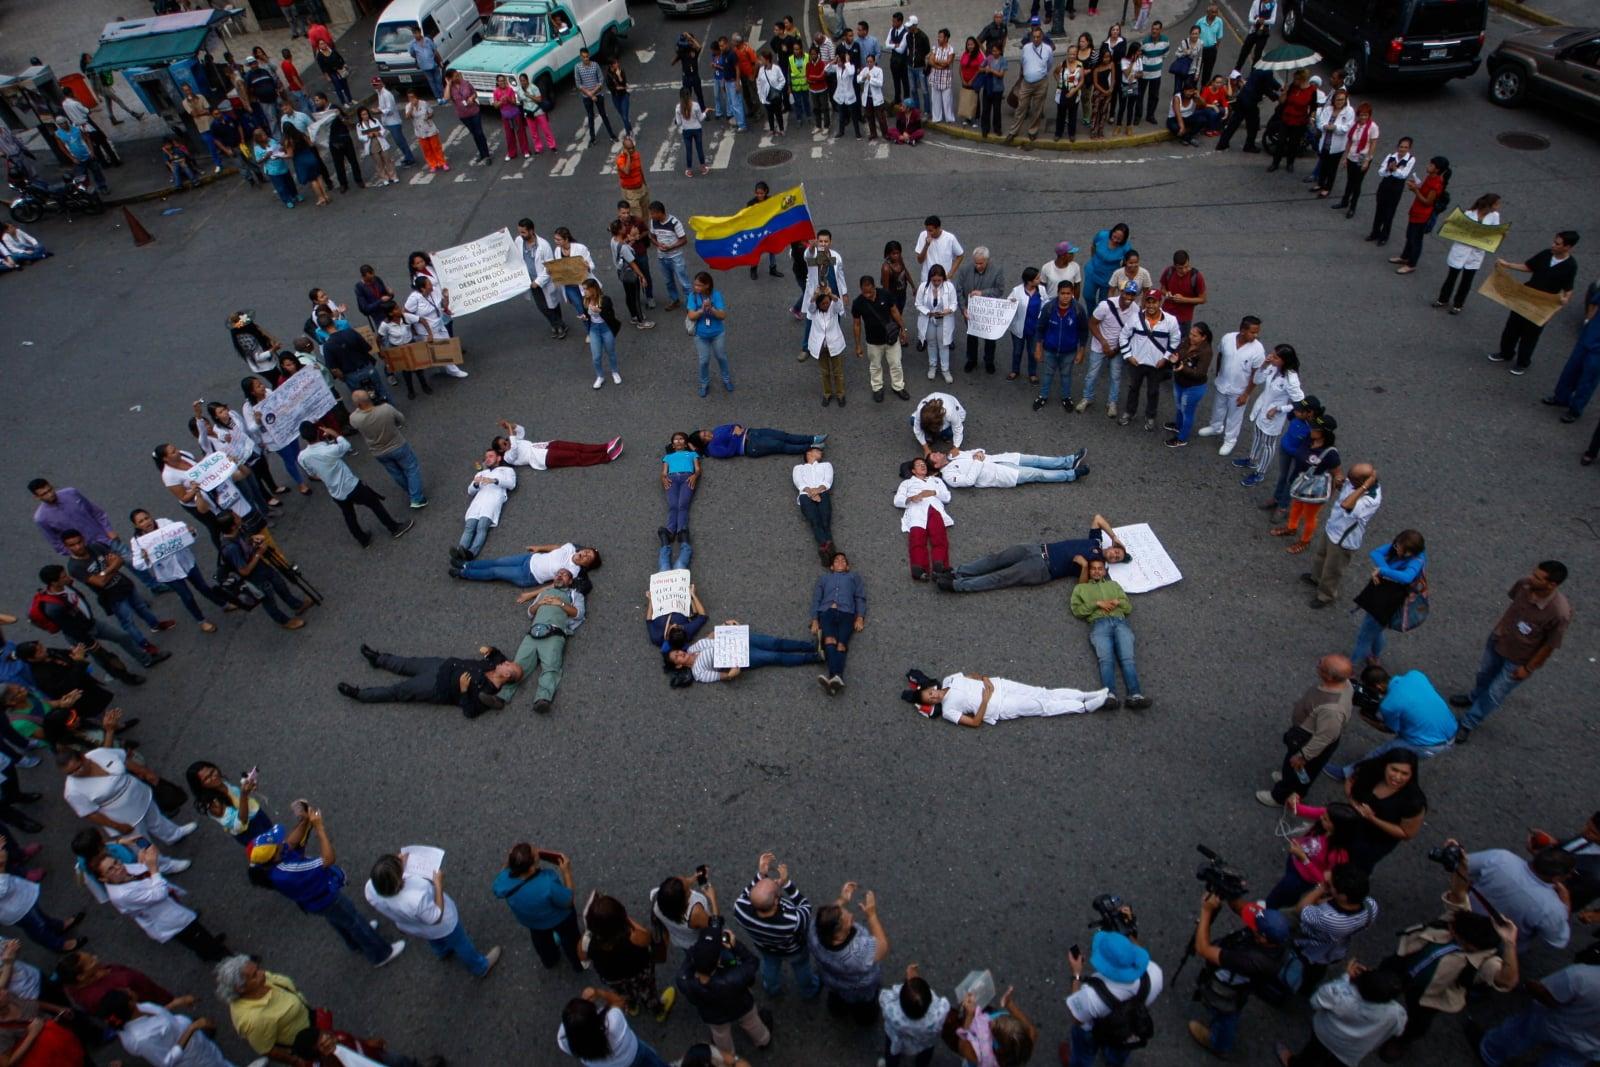 Protest lekarzy, pielęgniarek i personeul szpitala publicznego w Caracas, Wenezuela, fot. EPA/Cristian Hernandez